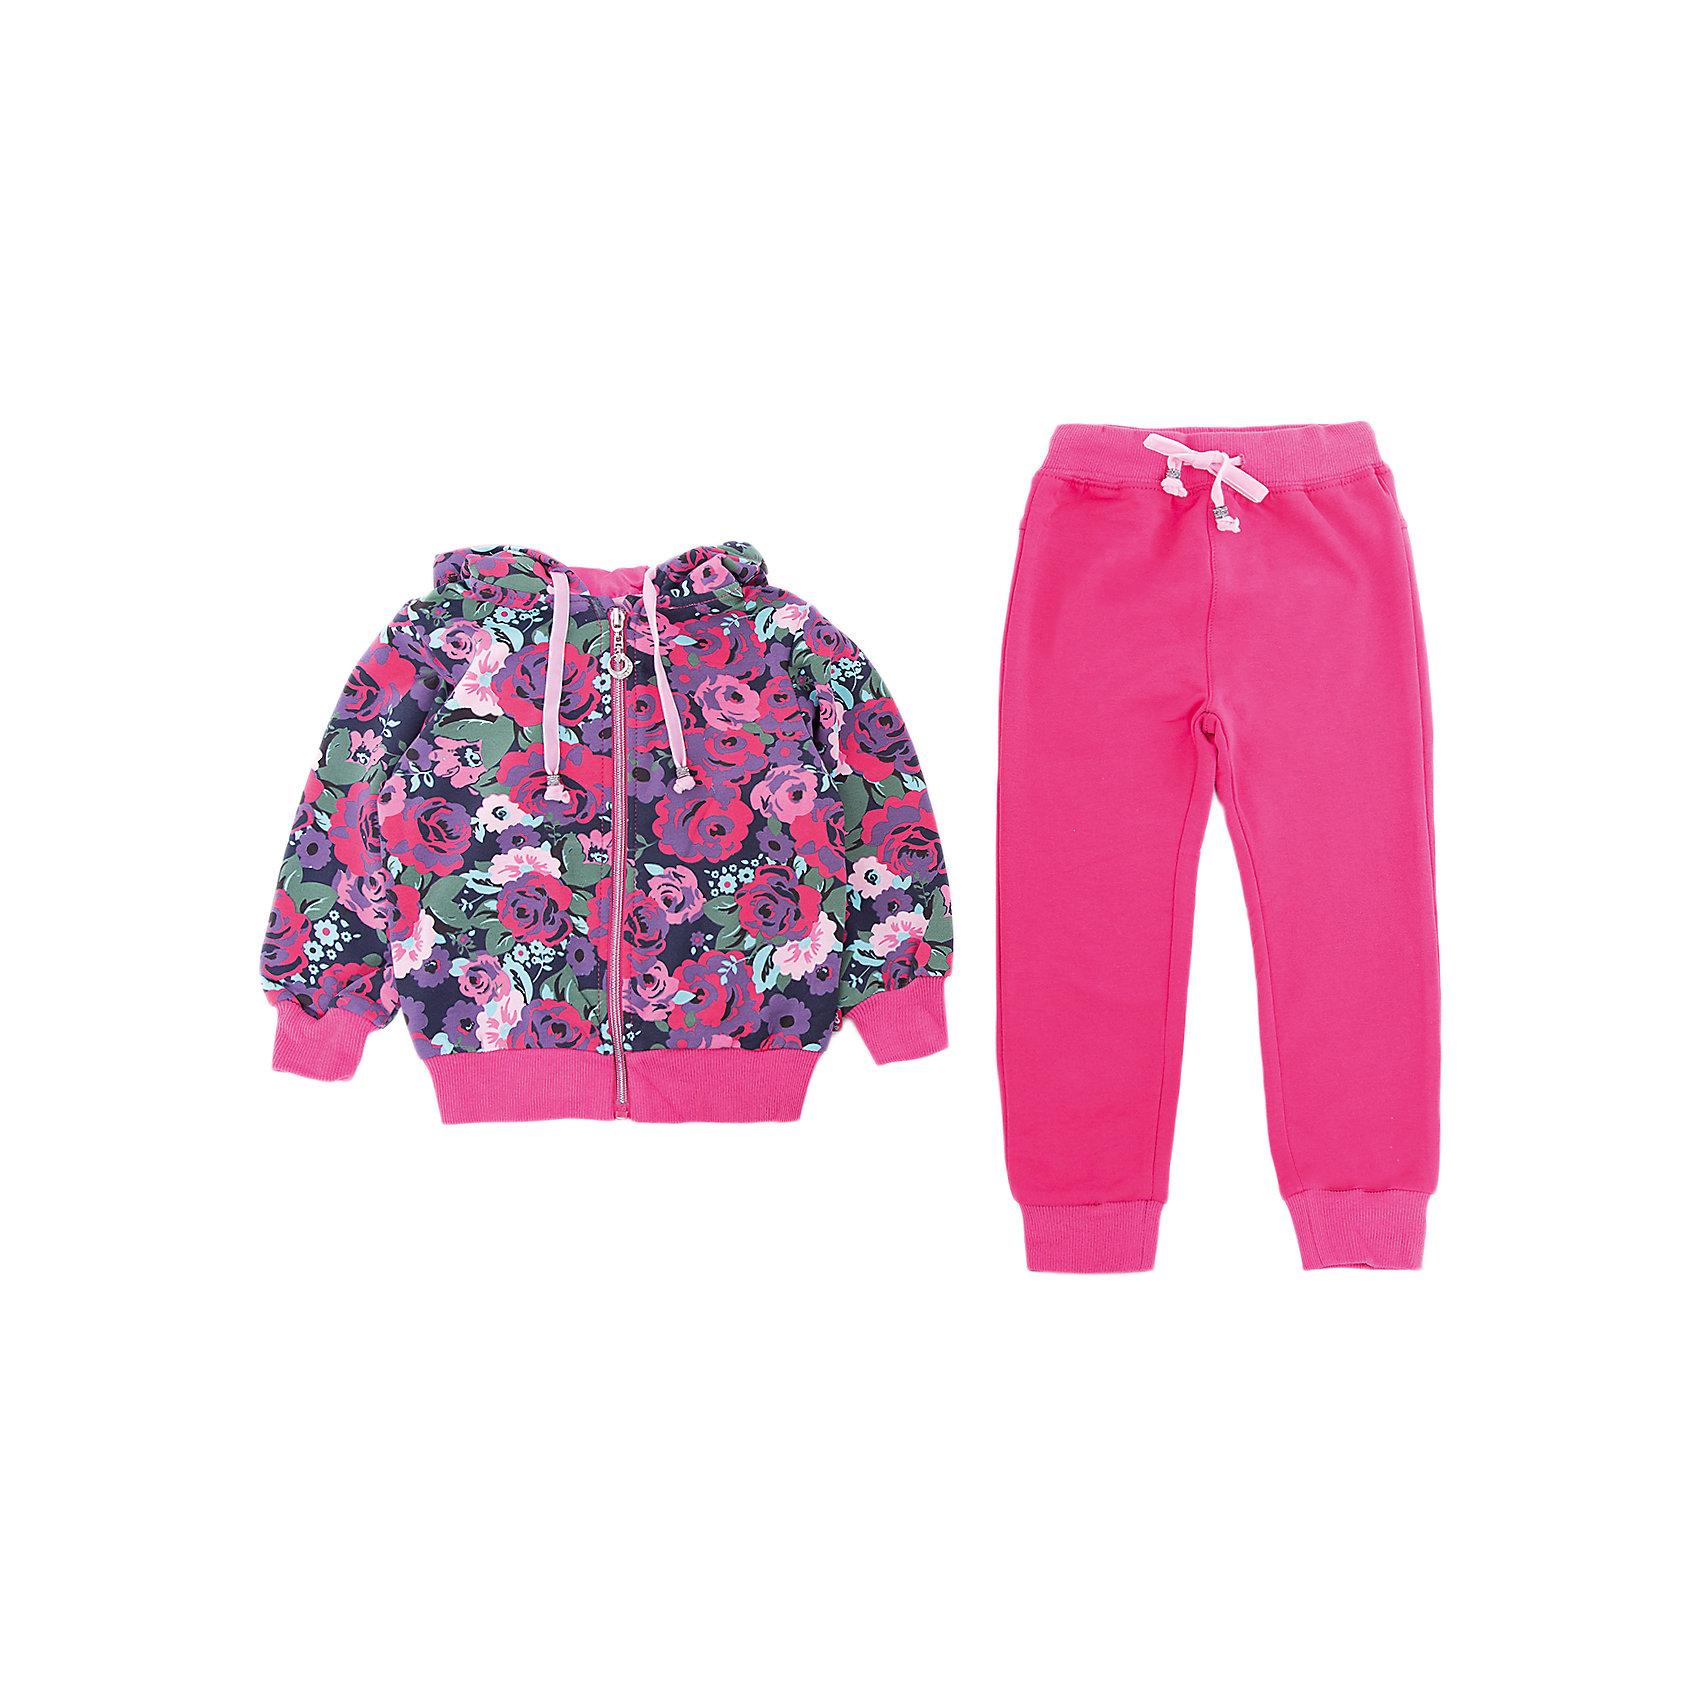 Комплект: толстовка и брюки Sweet Berry для девочкиКомплекты<br>Комплект: толстовка и брюки Sweet Berry для девочки<br>Трикотажный спортивный костюм для девочки. Куртка выполнена из принтованой ткани, застегивается на молнию. Брюки спортивного стиля с зауженным низом собранные на мягкие манжеты. Пояс-резинка дополнен шнуром для регулирования объема по талии.<br>Состав:<br>95% хлопок, 5% эластан<br><br>Ширина мм: 190<br>Глубина мм: 74<br>Высота мм: 229<br>Вес г: 236<br>Цвет: розовый<br>Возраст от месяцев: 24<br>Возраст до месяцев: 36<br>Пол: Женский<br>Возраст: Детский<br>Размер: 98,80,86,92<br>SKU: 7095719